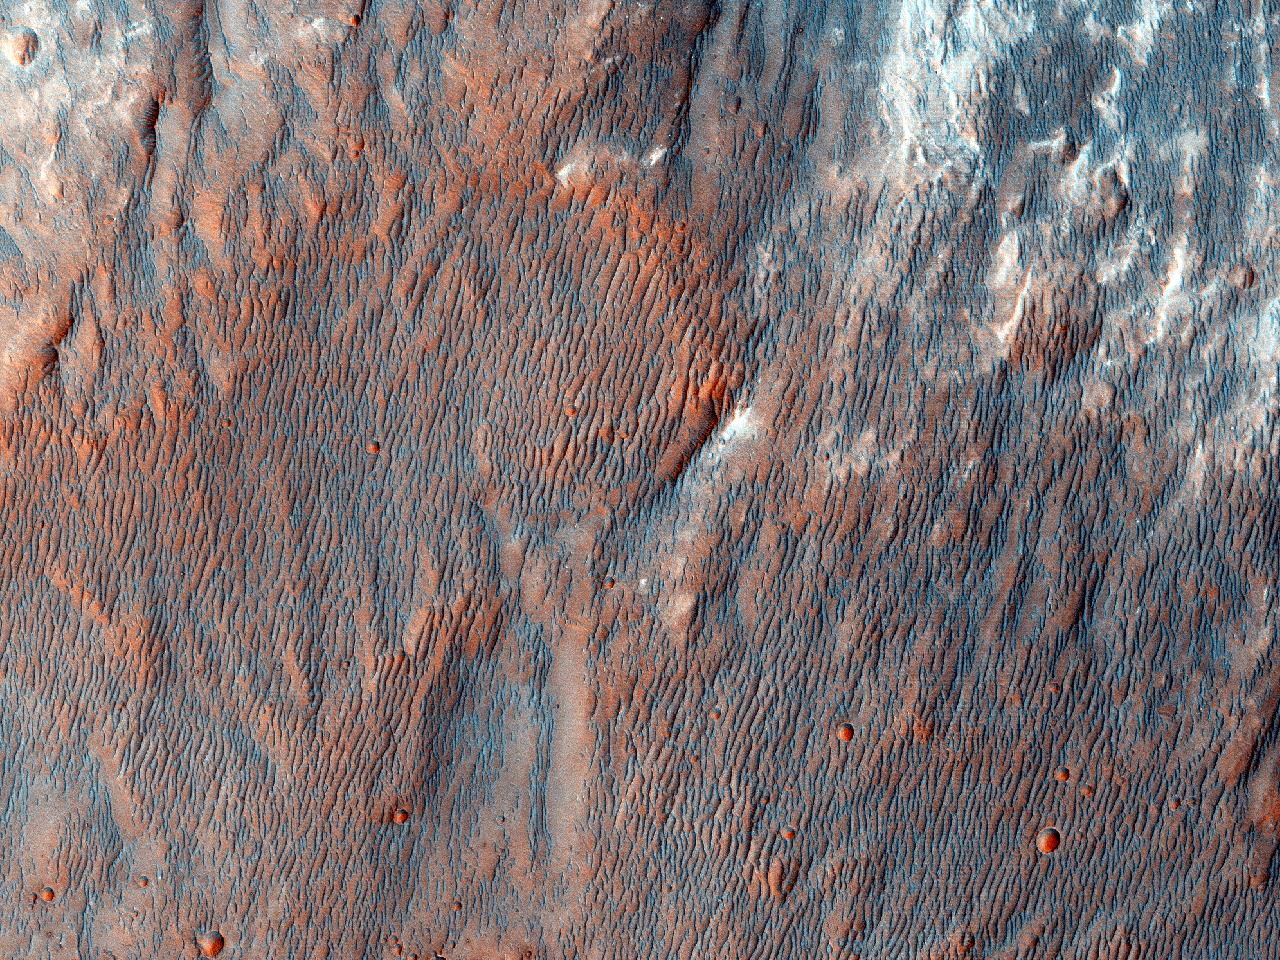 Caracteristici fluviale în Craterul Bigbee